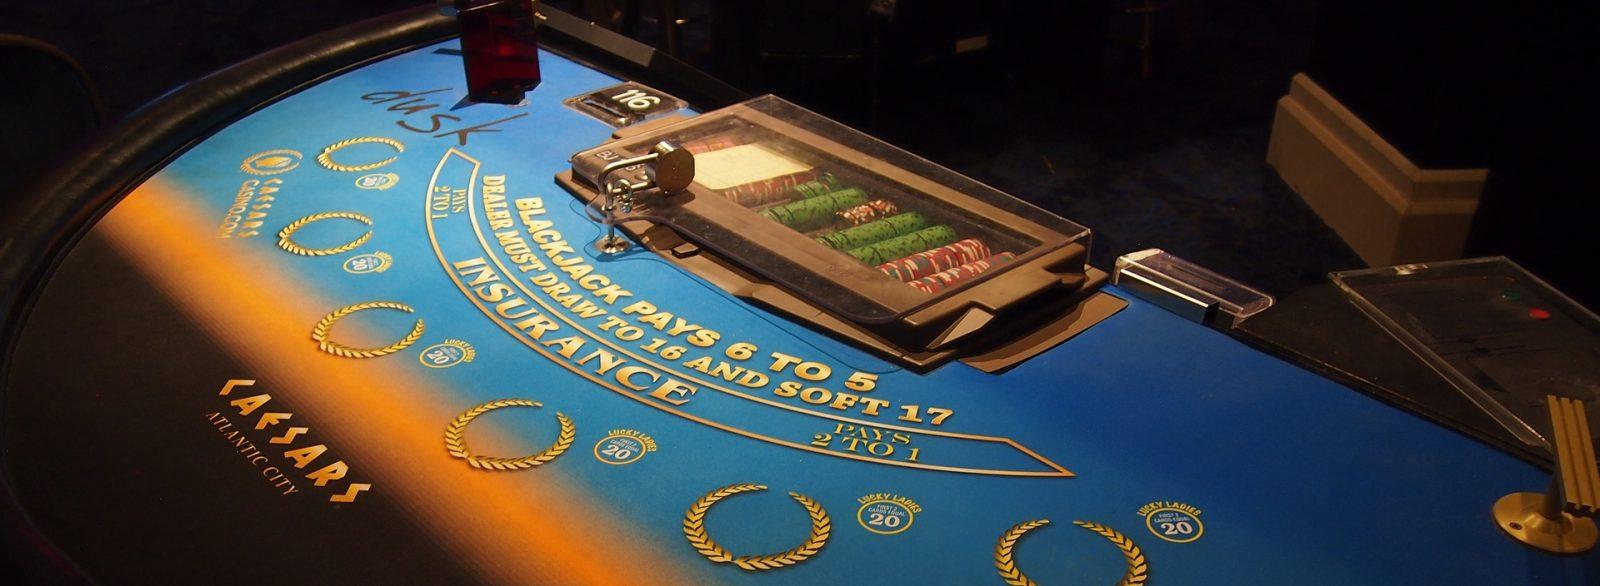 Die Welt der online Casinos im Portrait